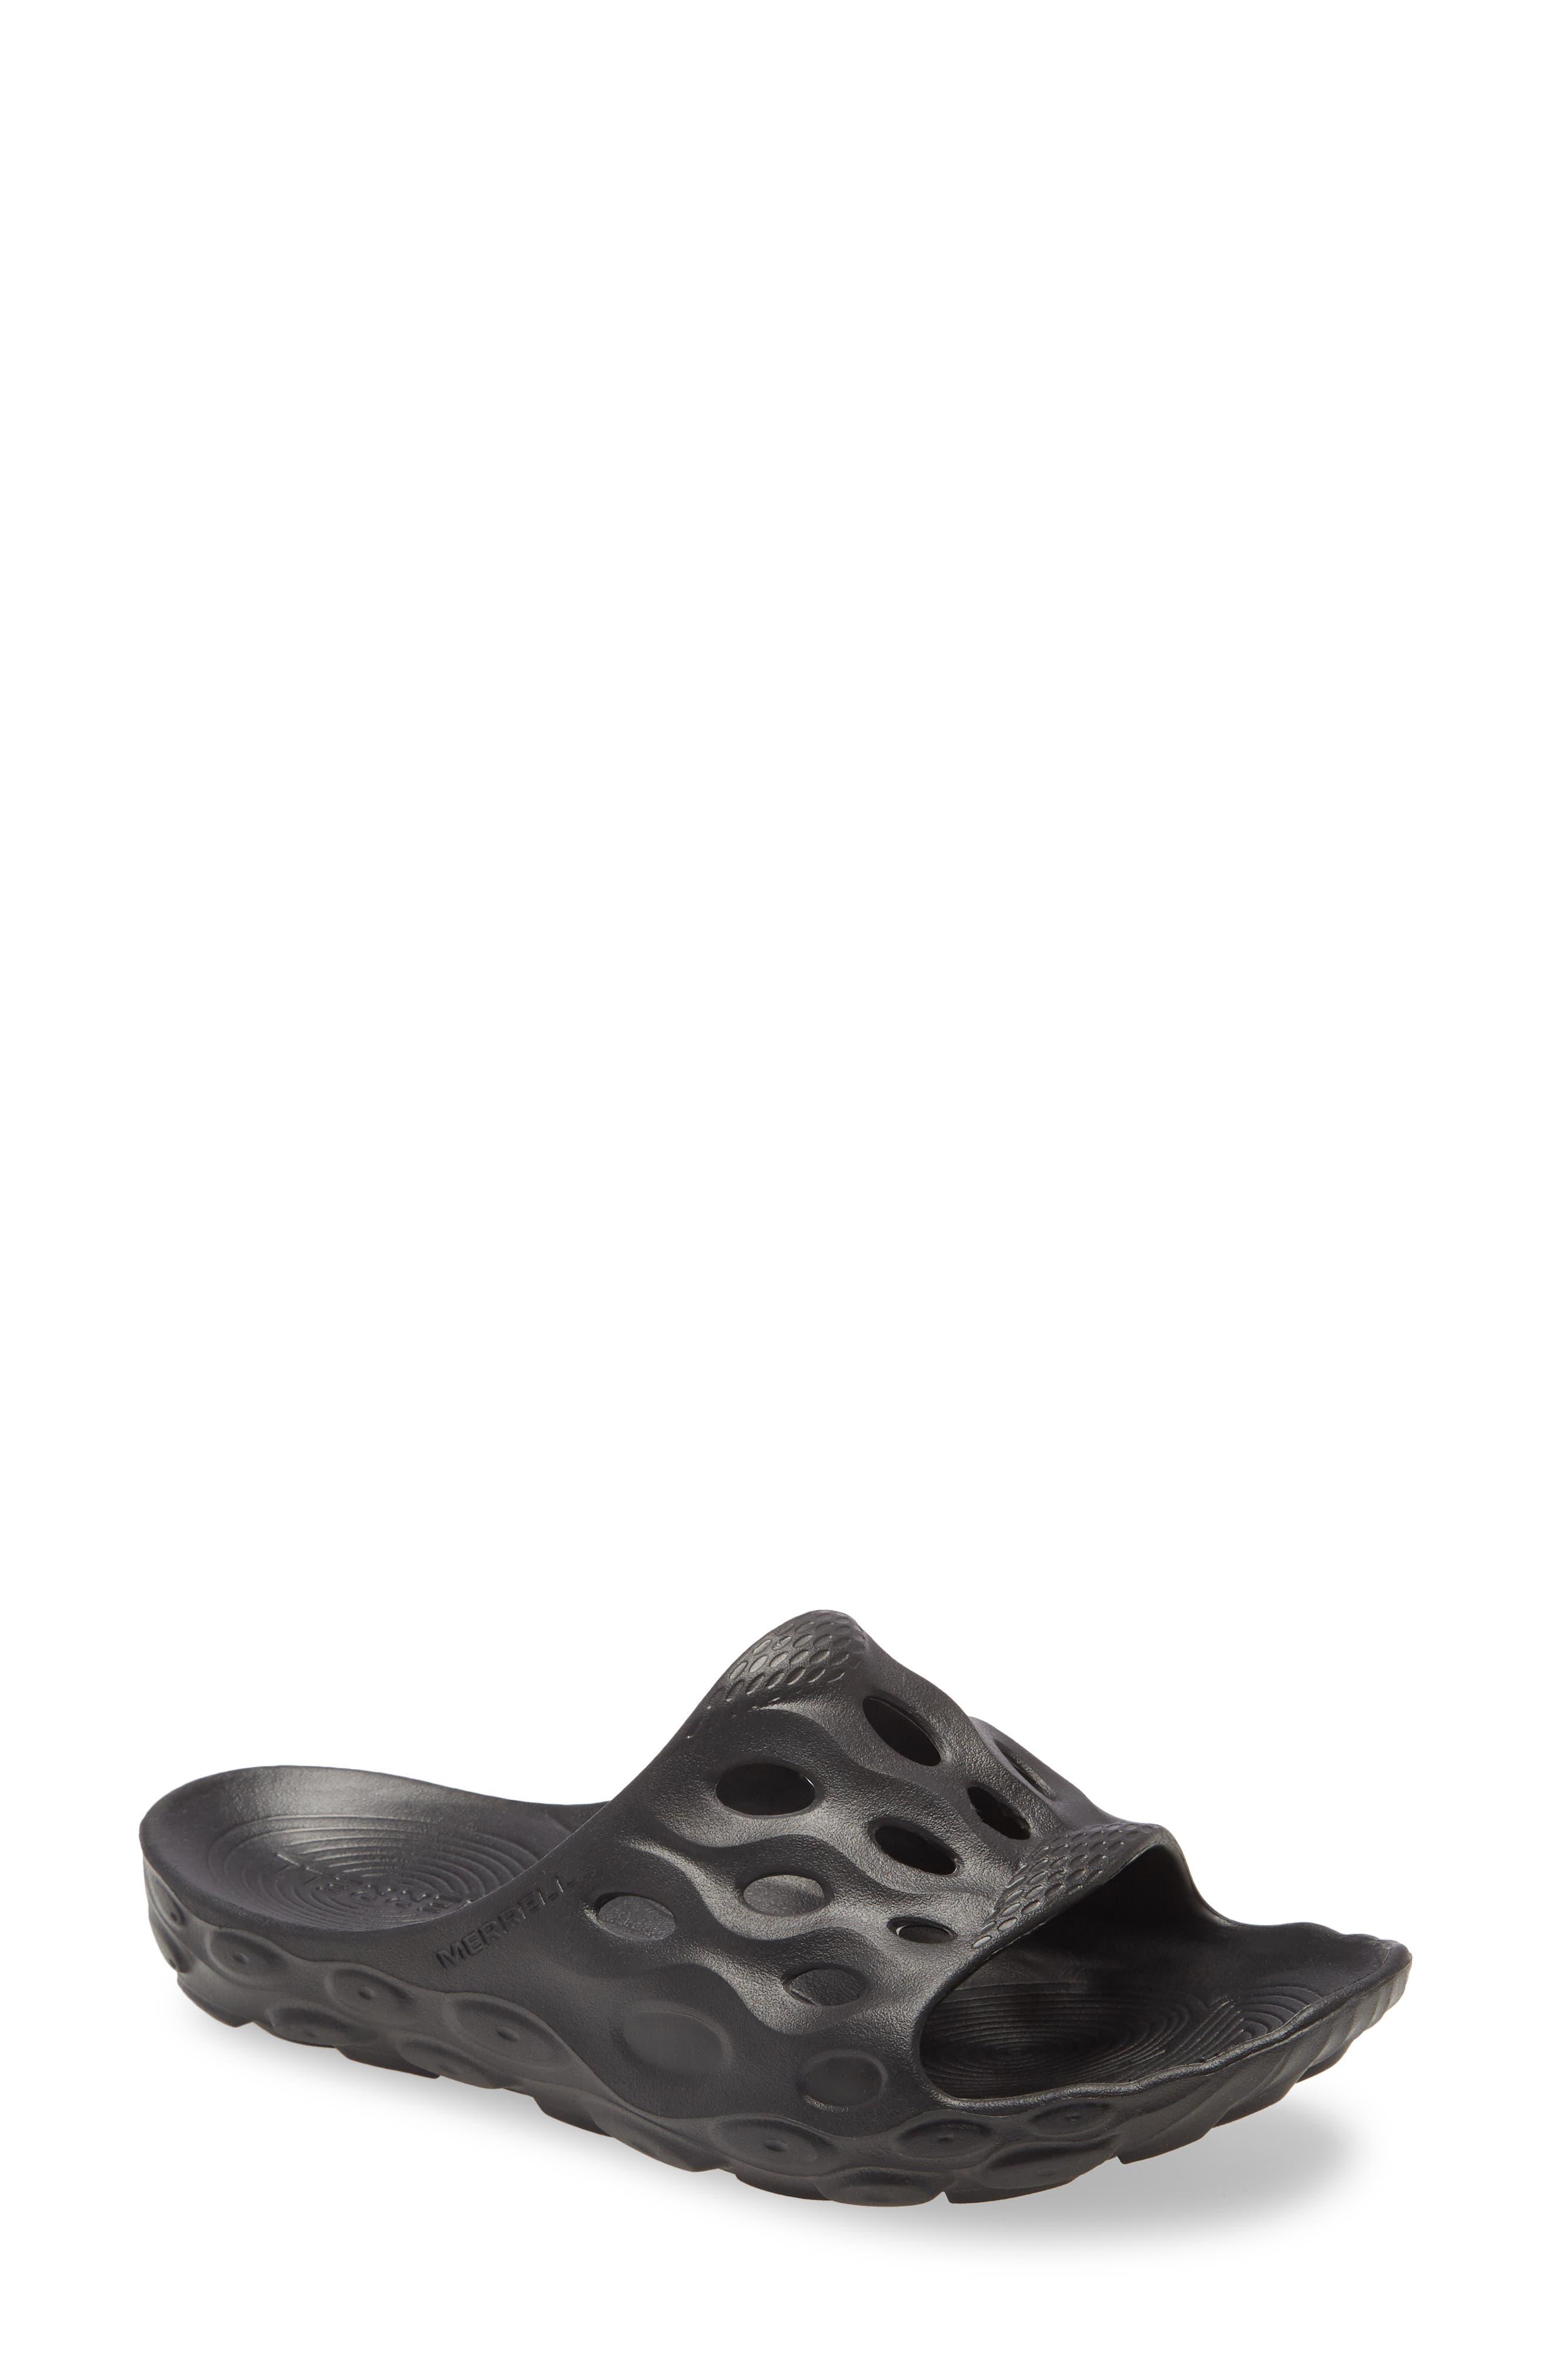 Hydro Waterproof Slide Sandal